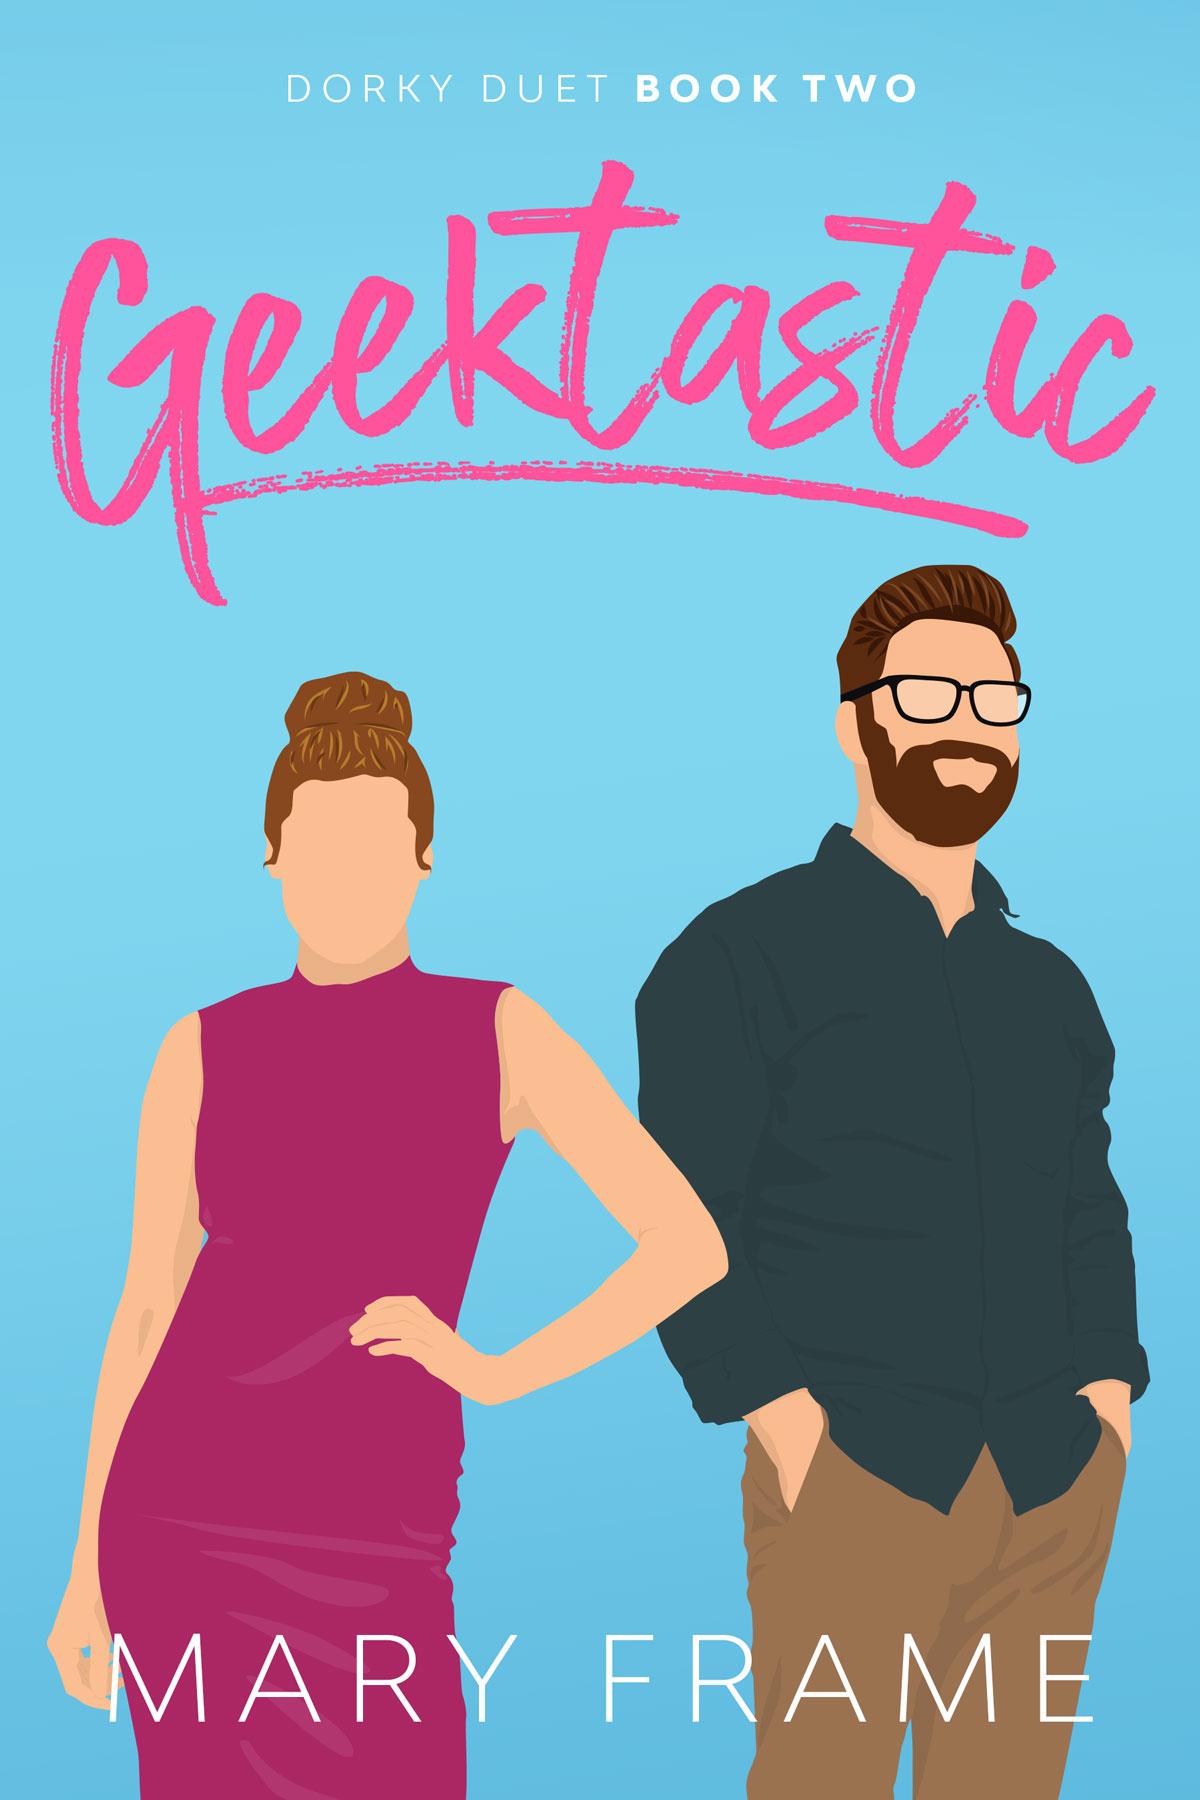 Geektastic_Ebook_B&N